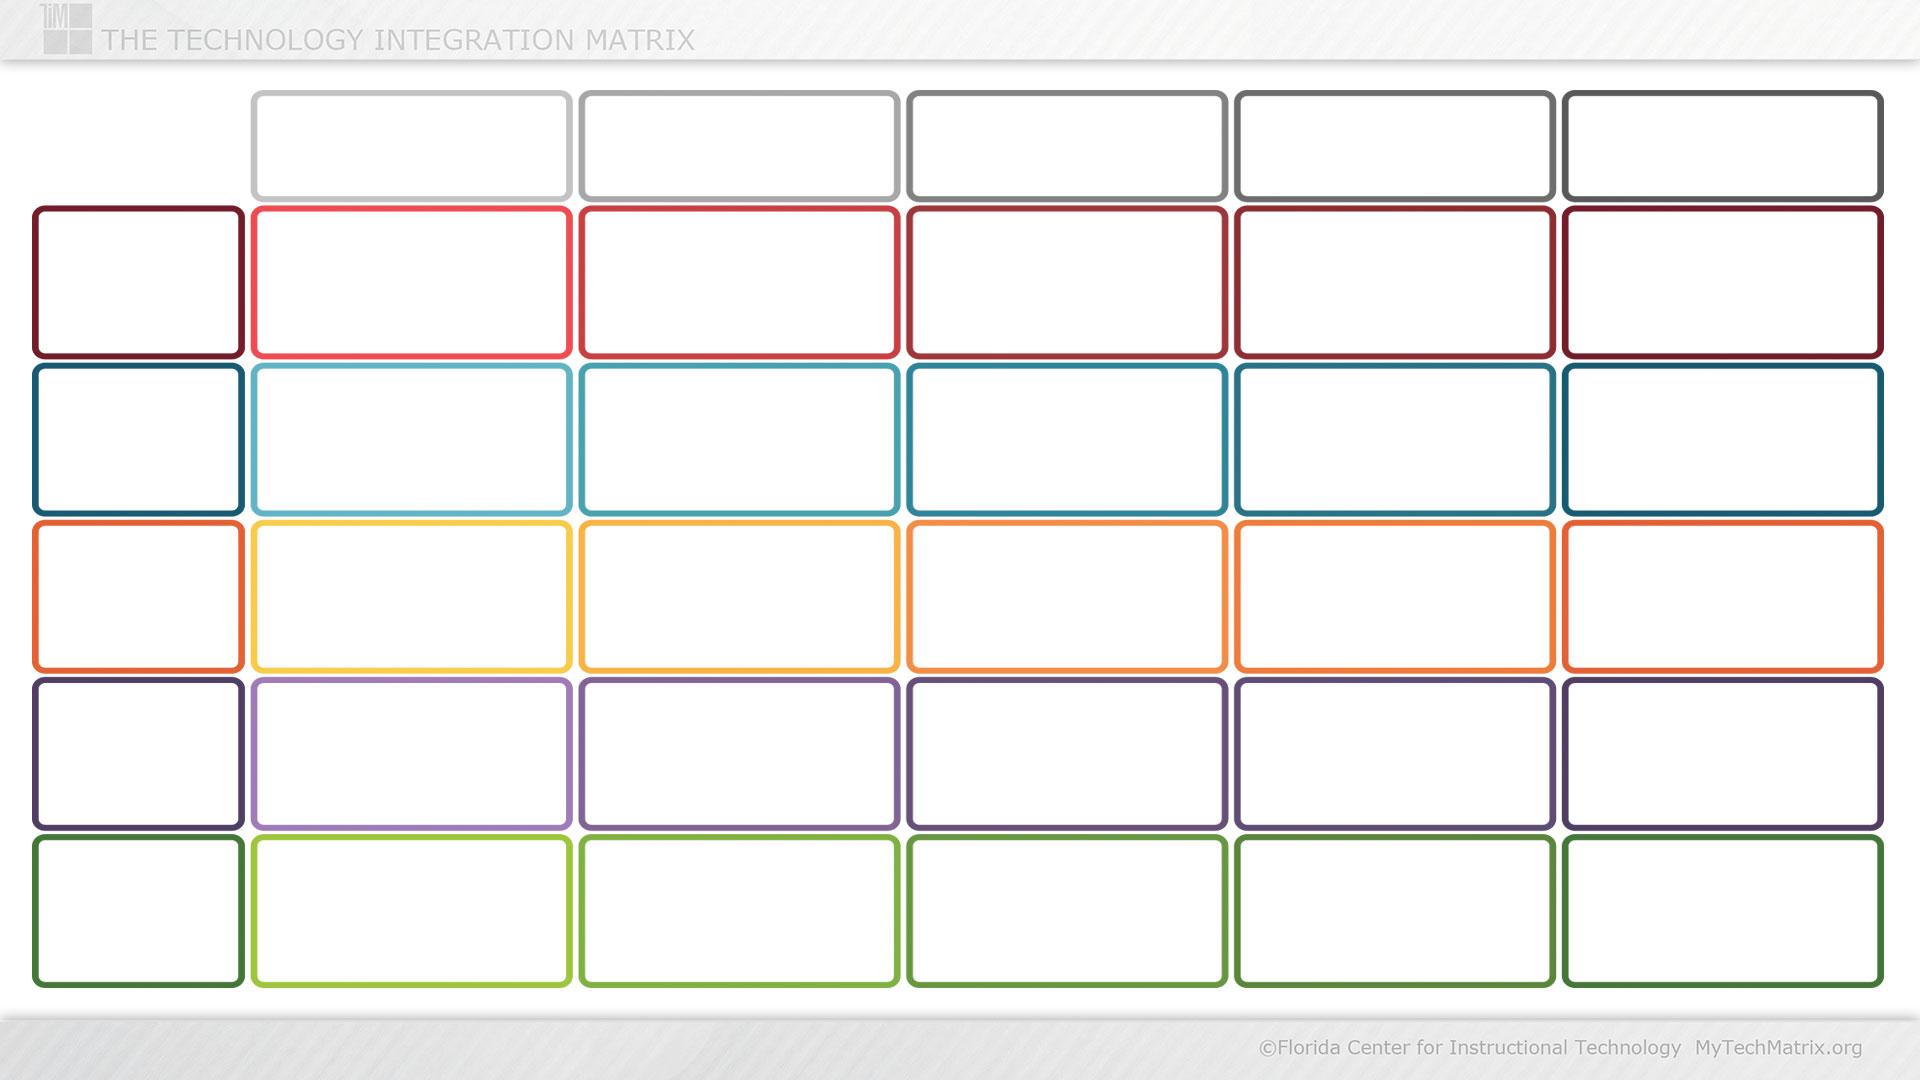 Blank Color Technology Integration Matrix Slide | TIM